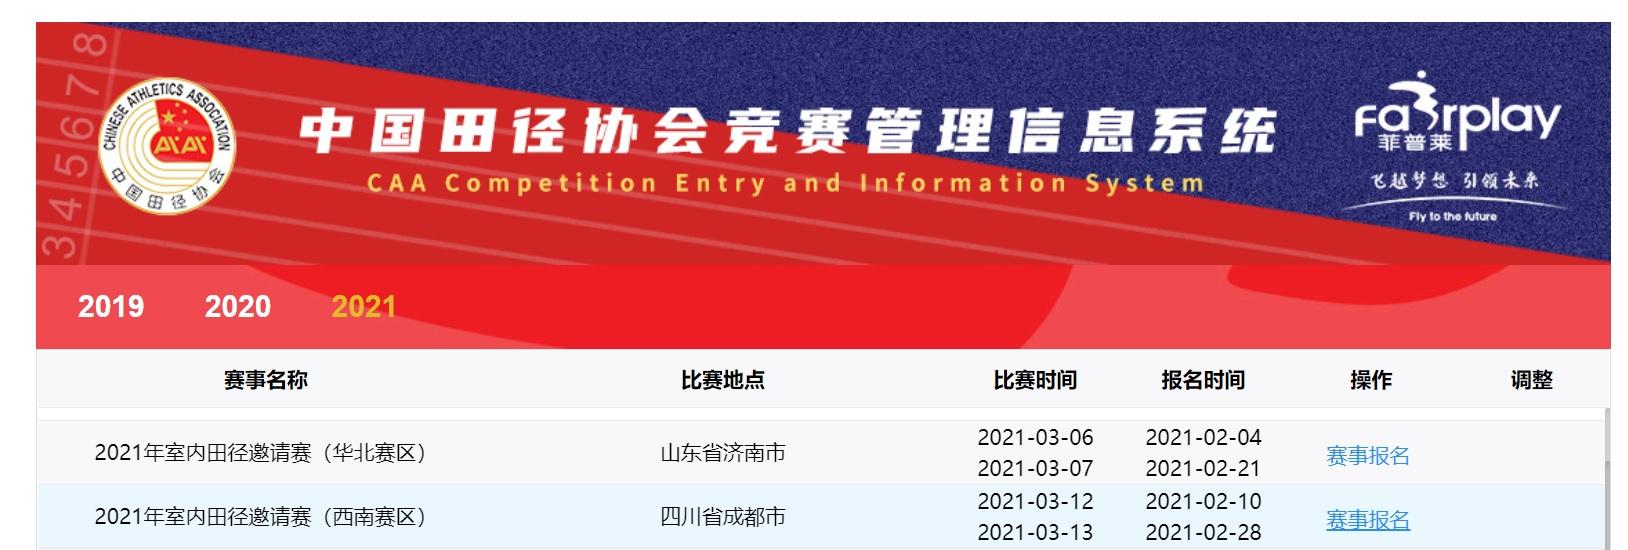 田协公布2021年国内赛历 中国田径赛事迎来大恢复